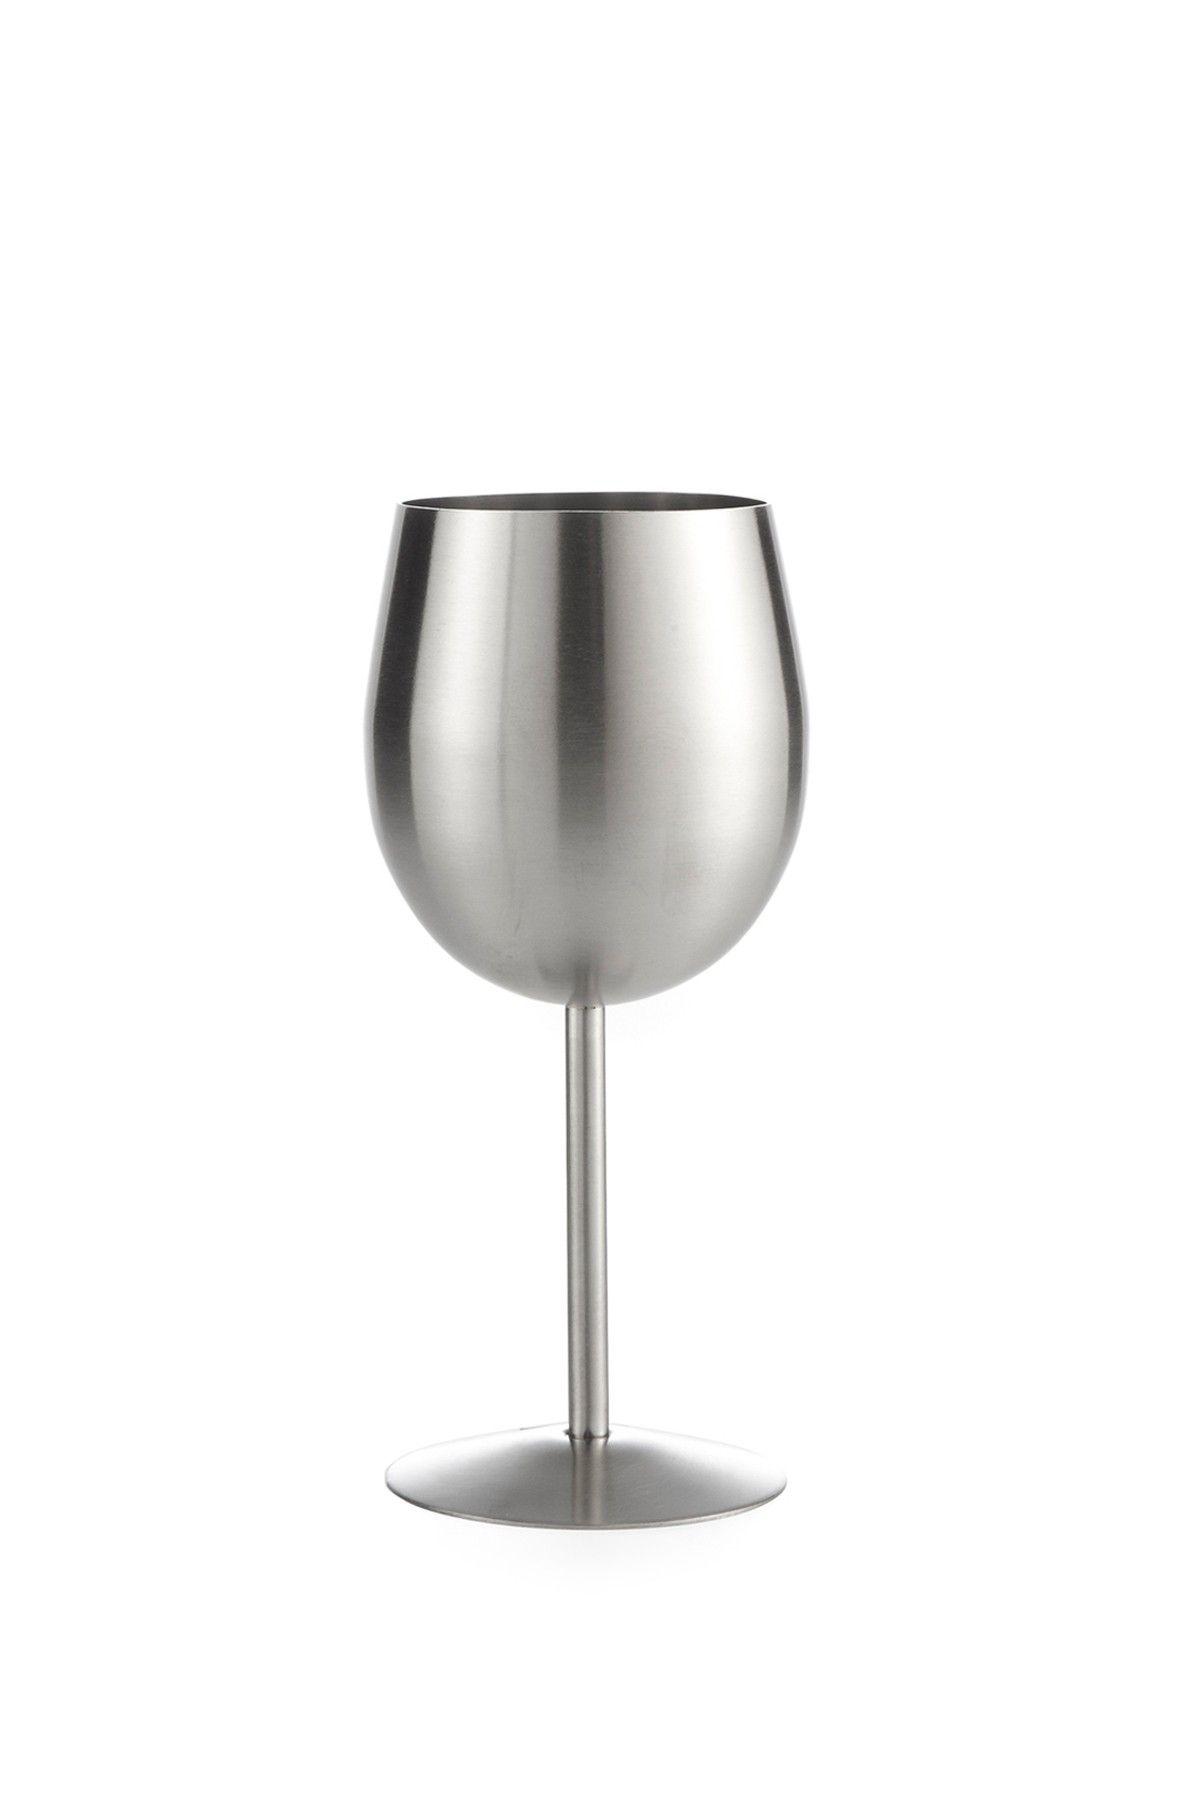 Stainless Steel Wine Cup on HauteLook | Kitchen | Pinterest